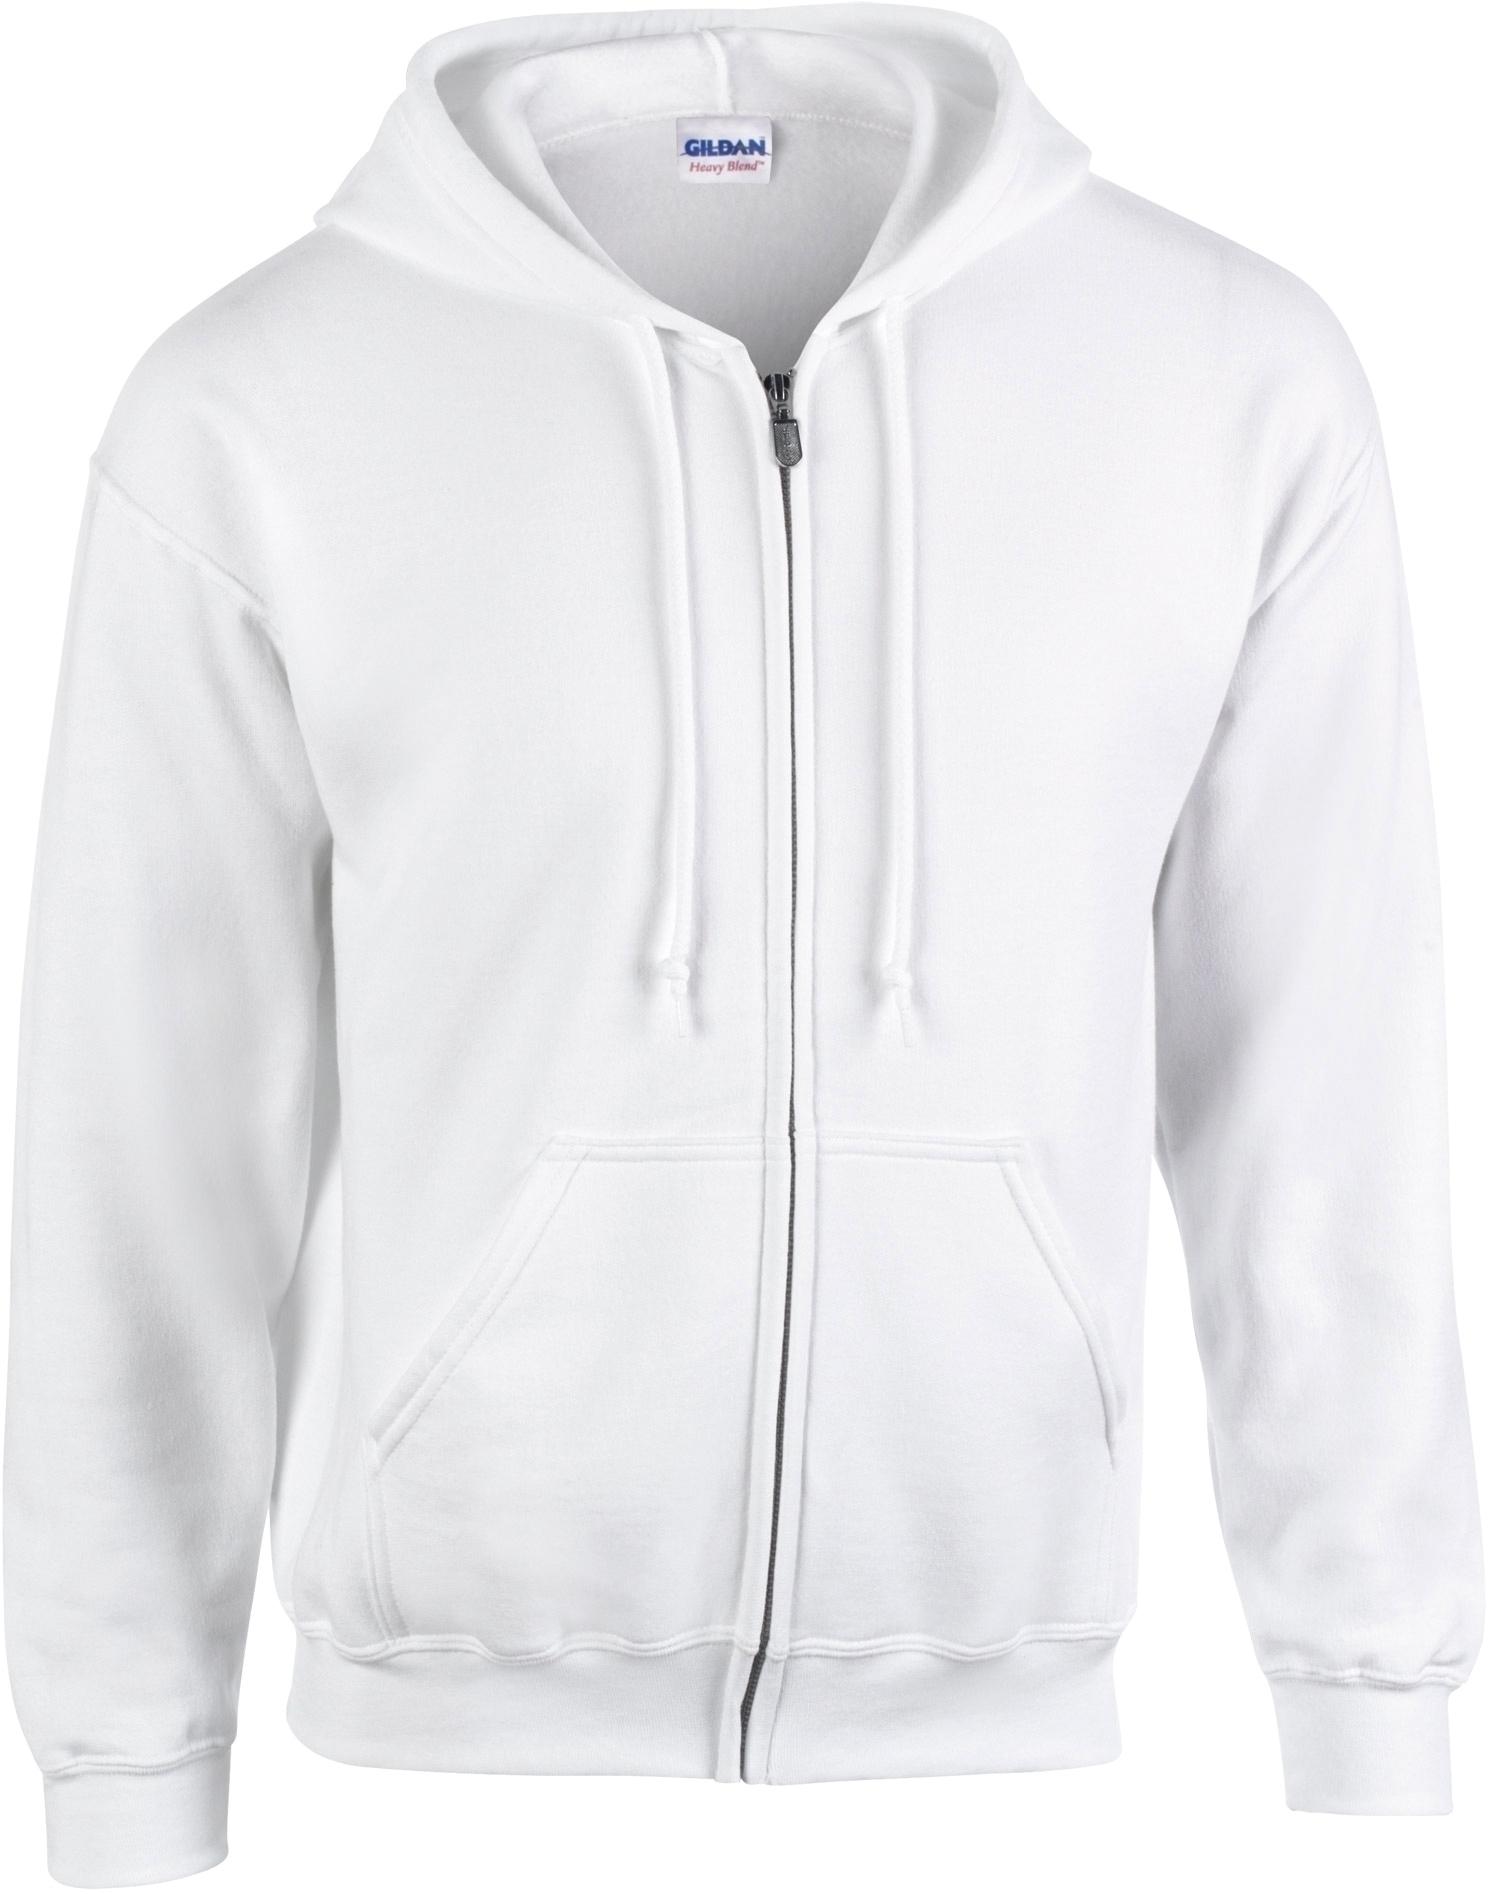 Homme Imprimé Shirt White Capuche Et Heavy Sweat Zippé Blend™ 3uTFJlK1c